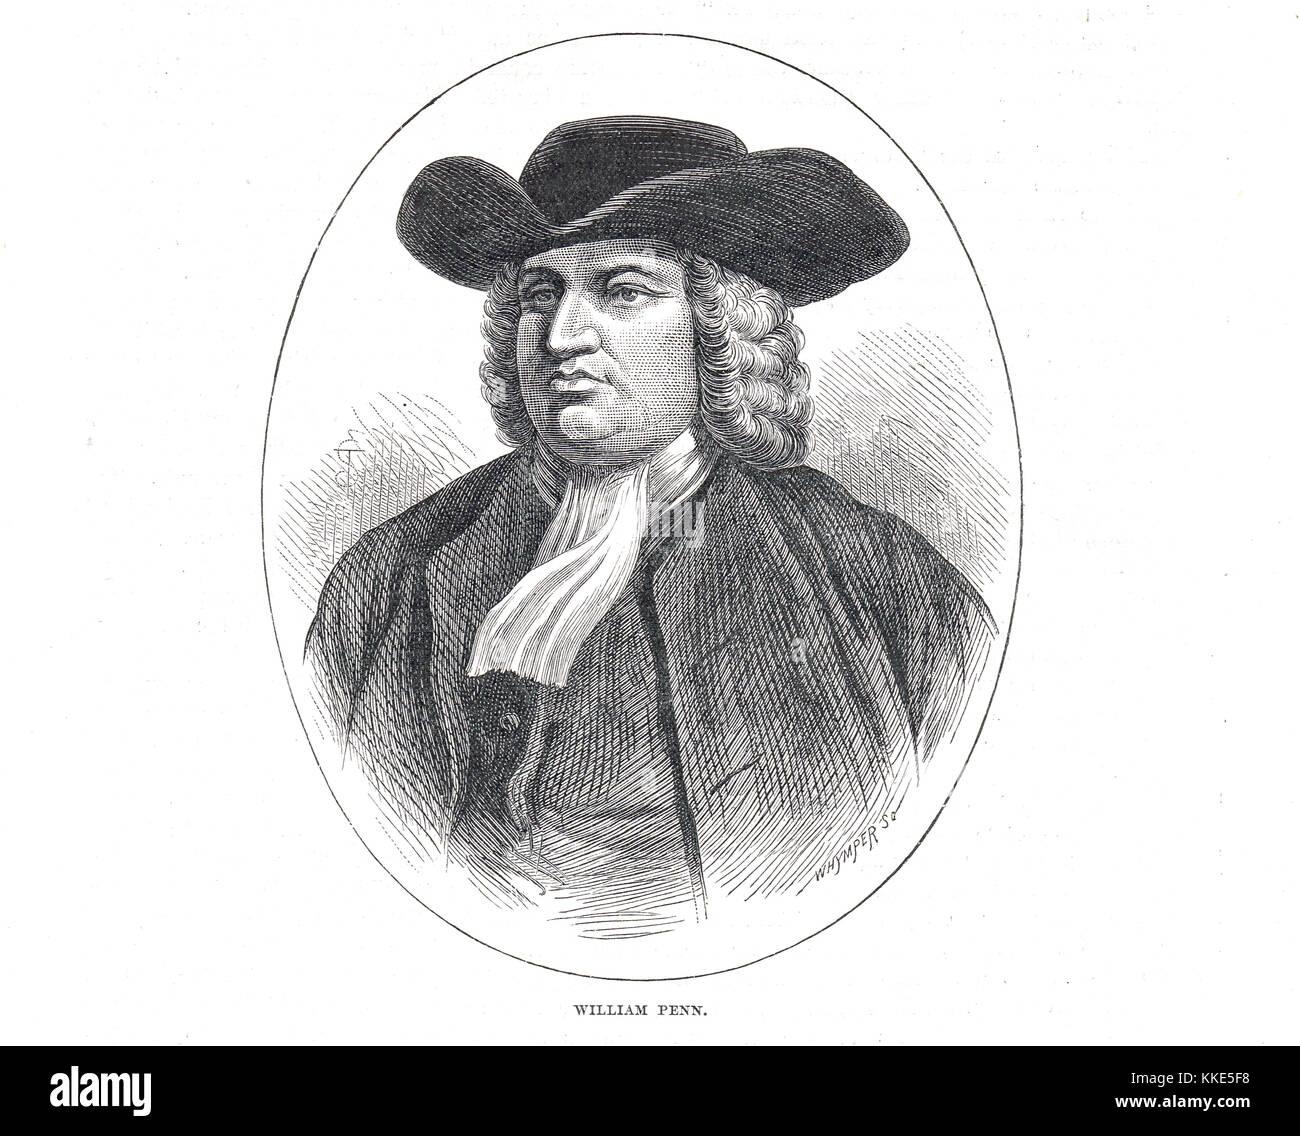 William Penn, fondateur de l'état de Pennsylvanie. Banque D'Images